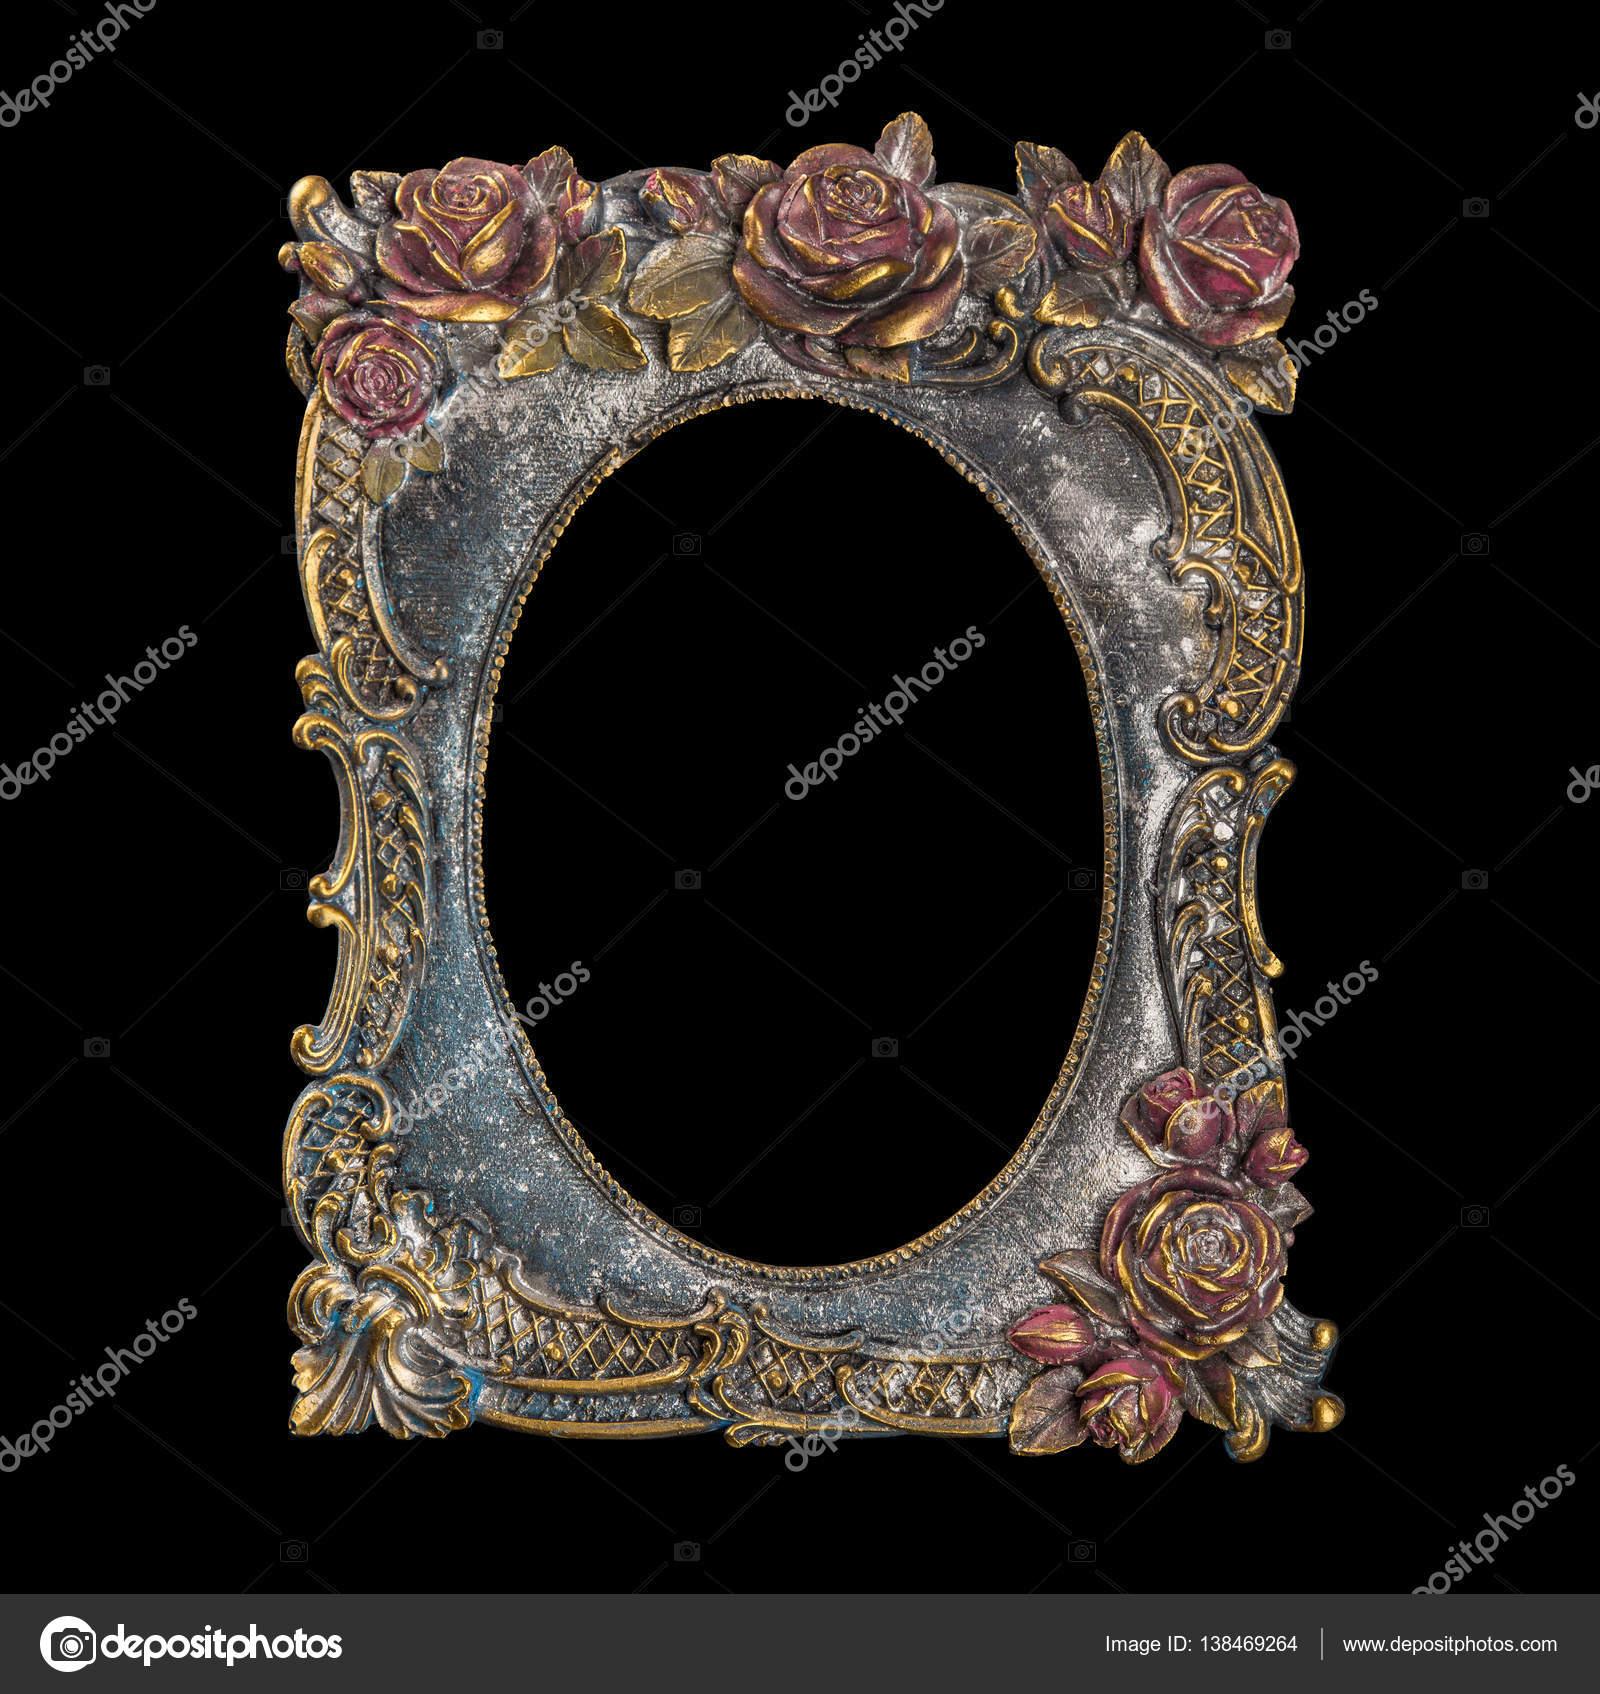 bronce marco para cuadros y espejos en un fondo negro — Foto de ...